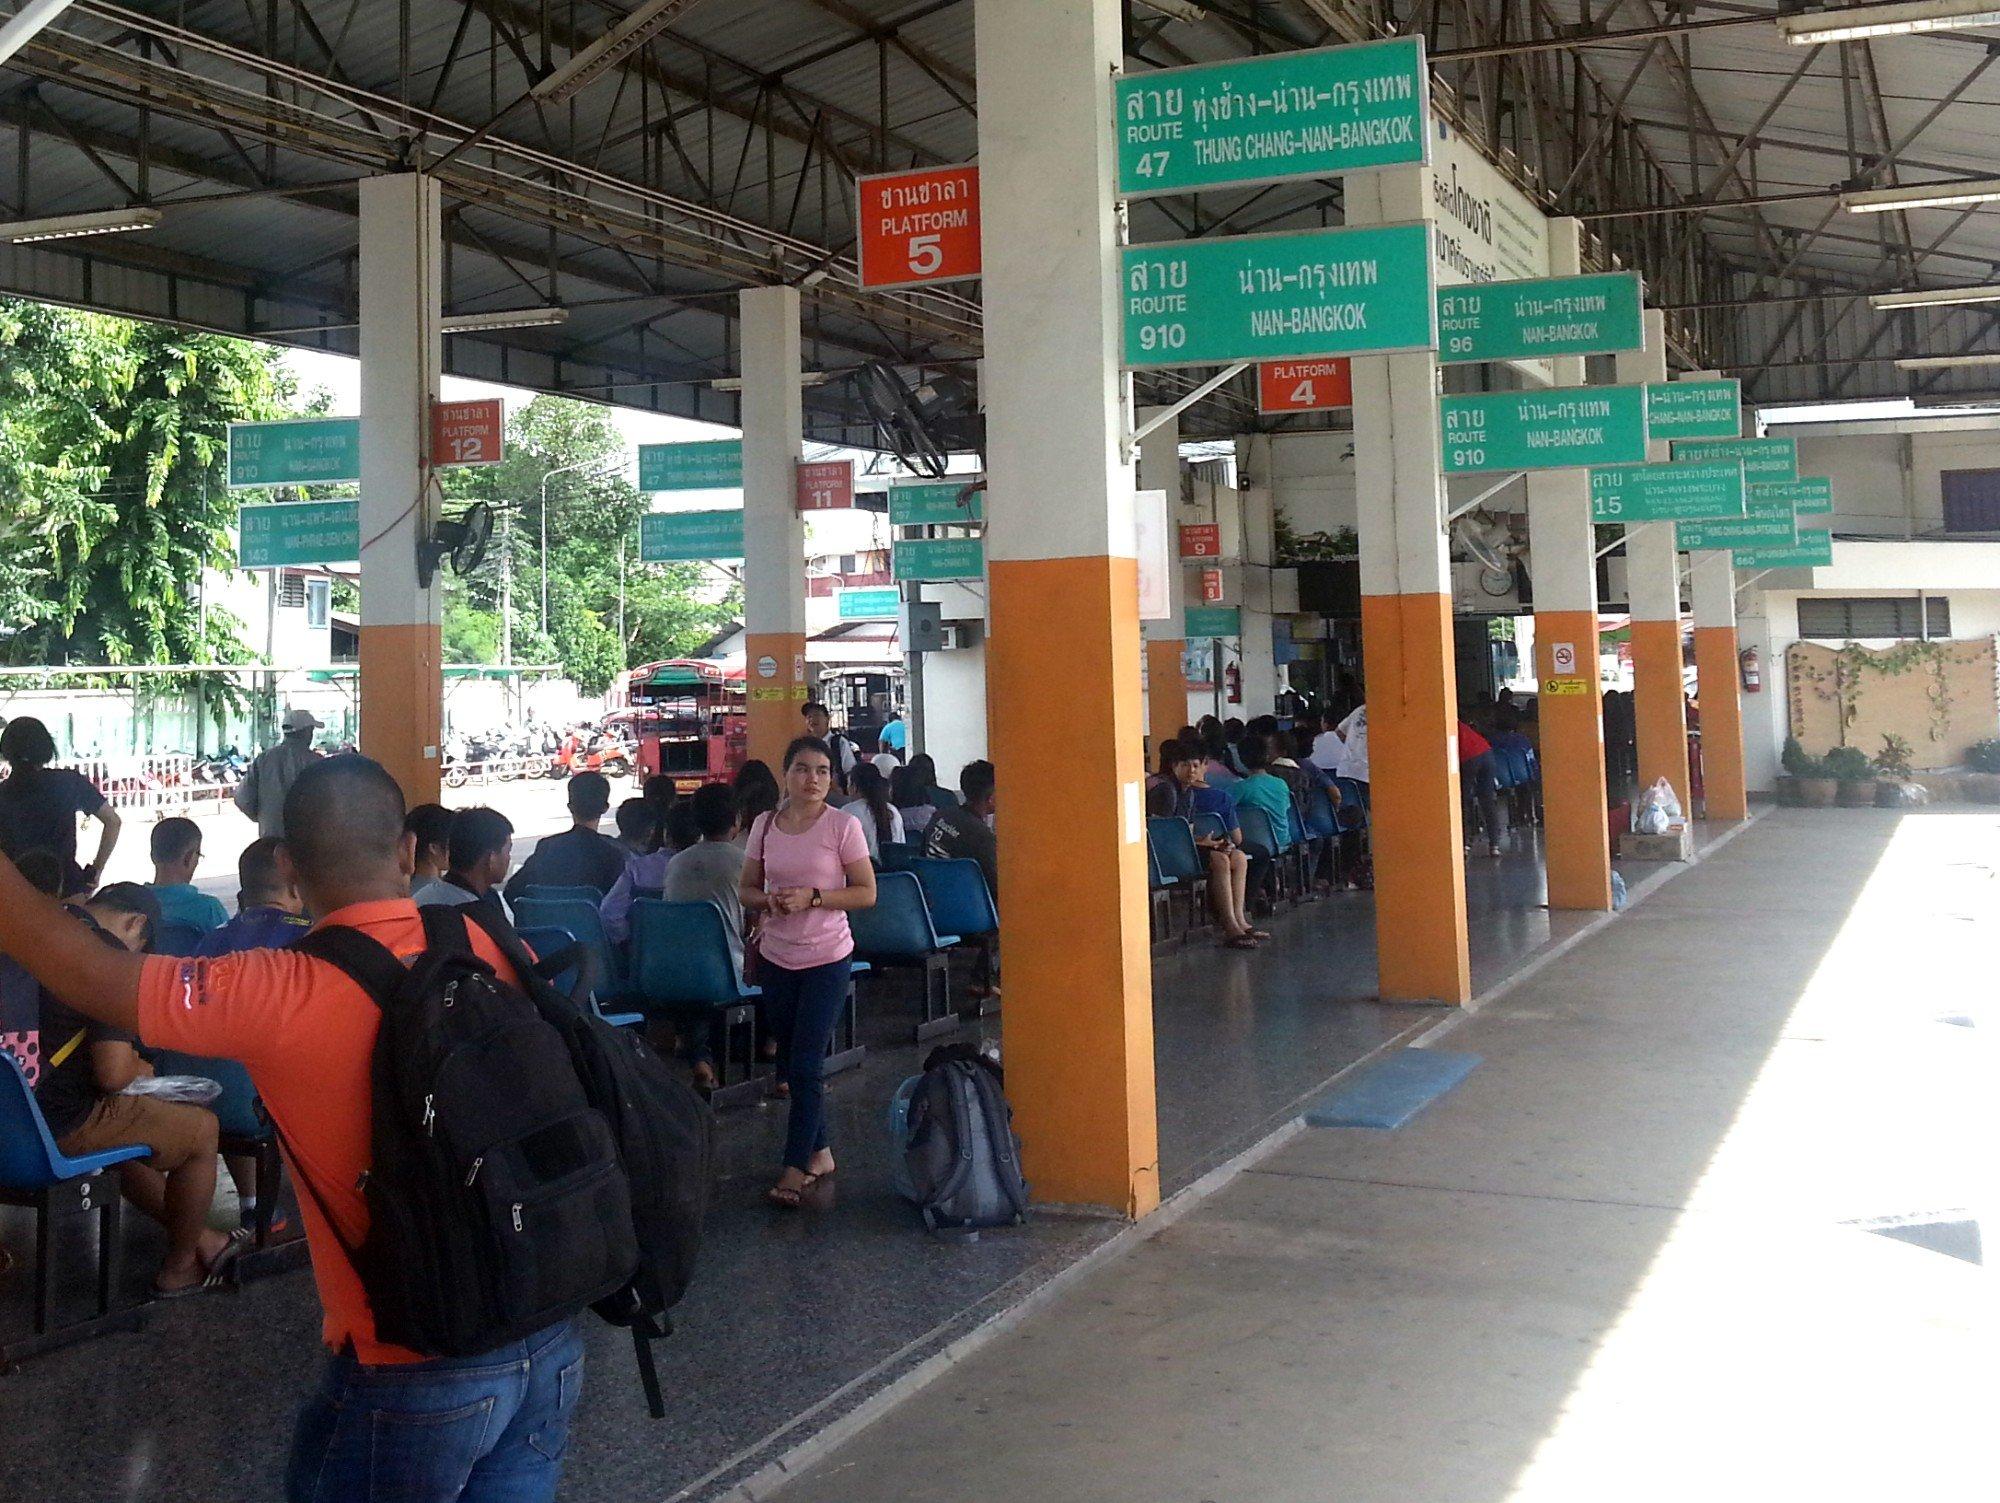 Bus platforms at Nan Bus Terminal